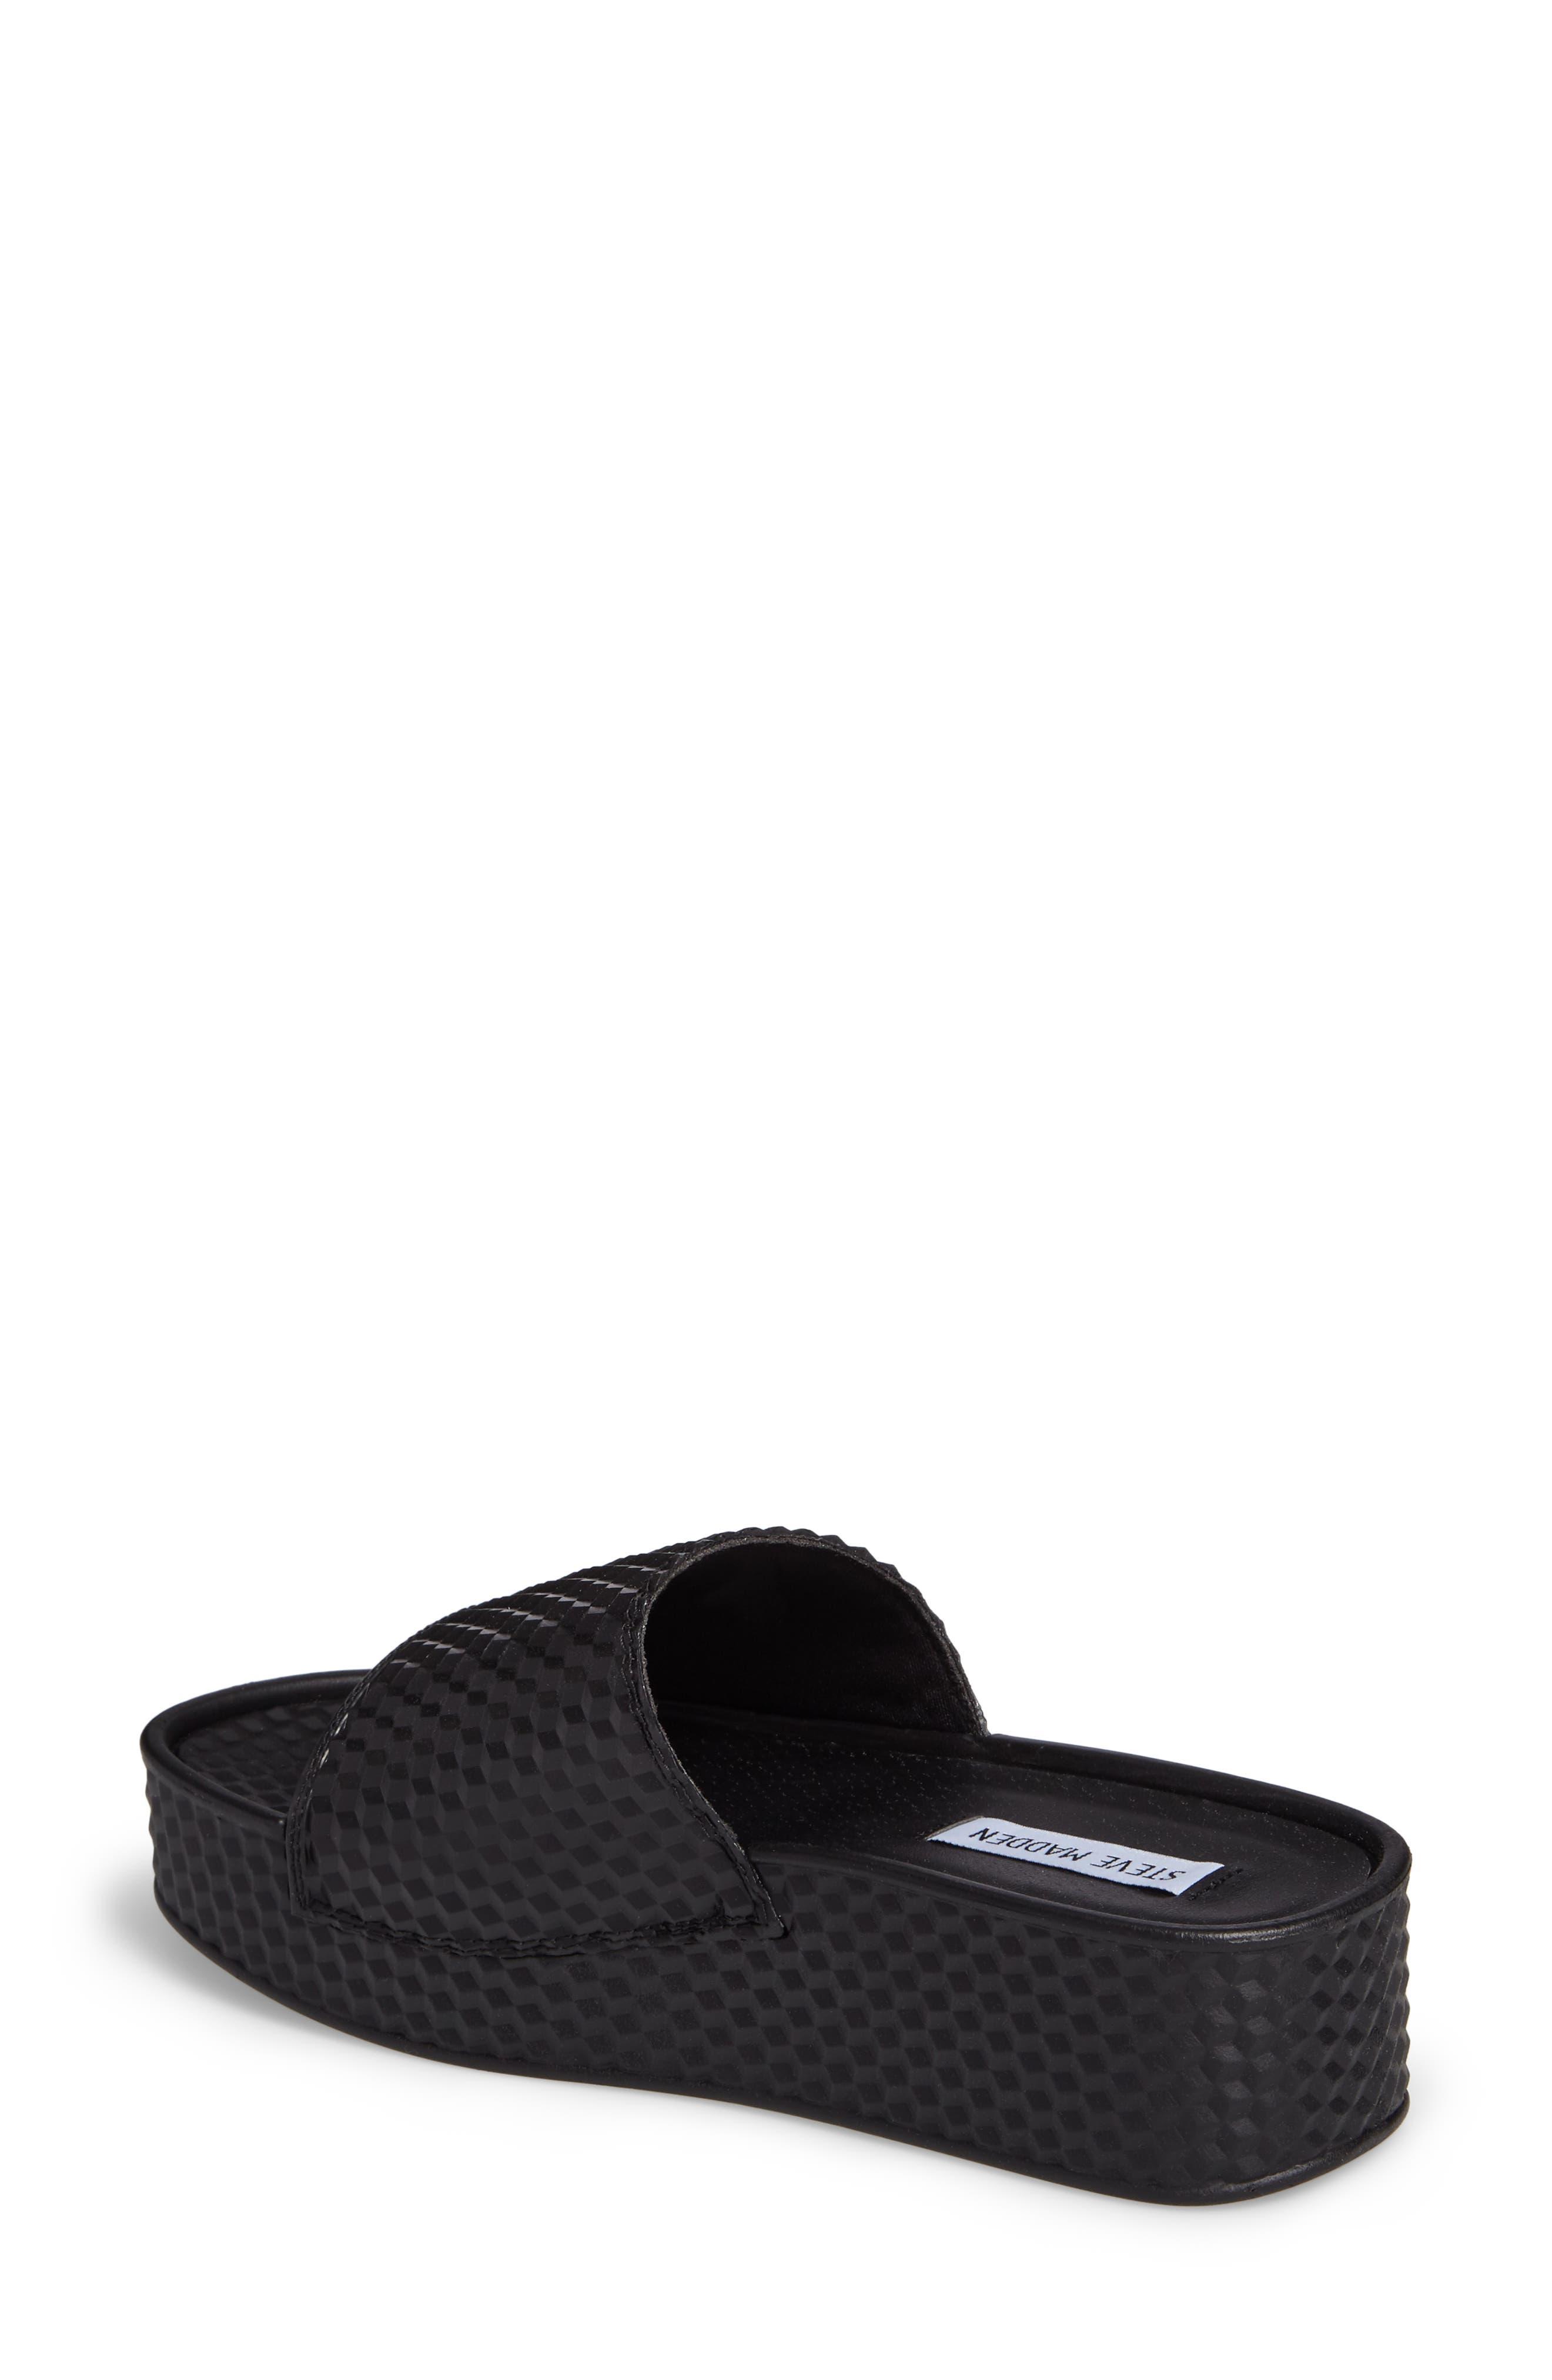 Sharpie Slide Sandal,                             Alternate thumbnail 2, color,                             006